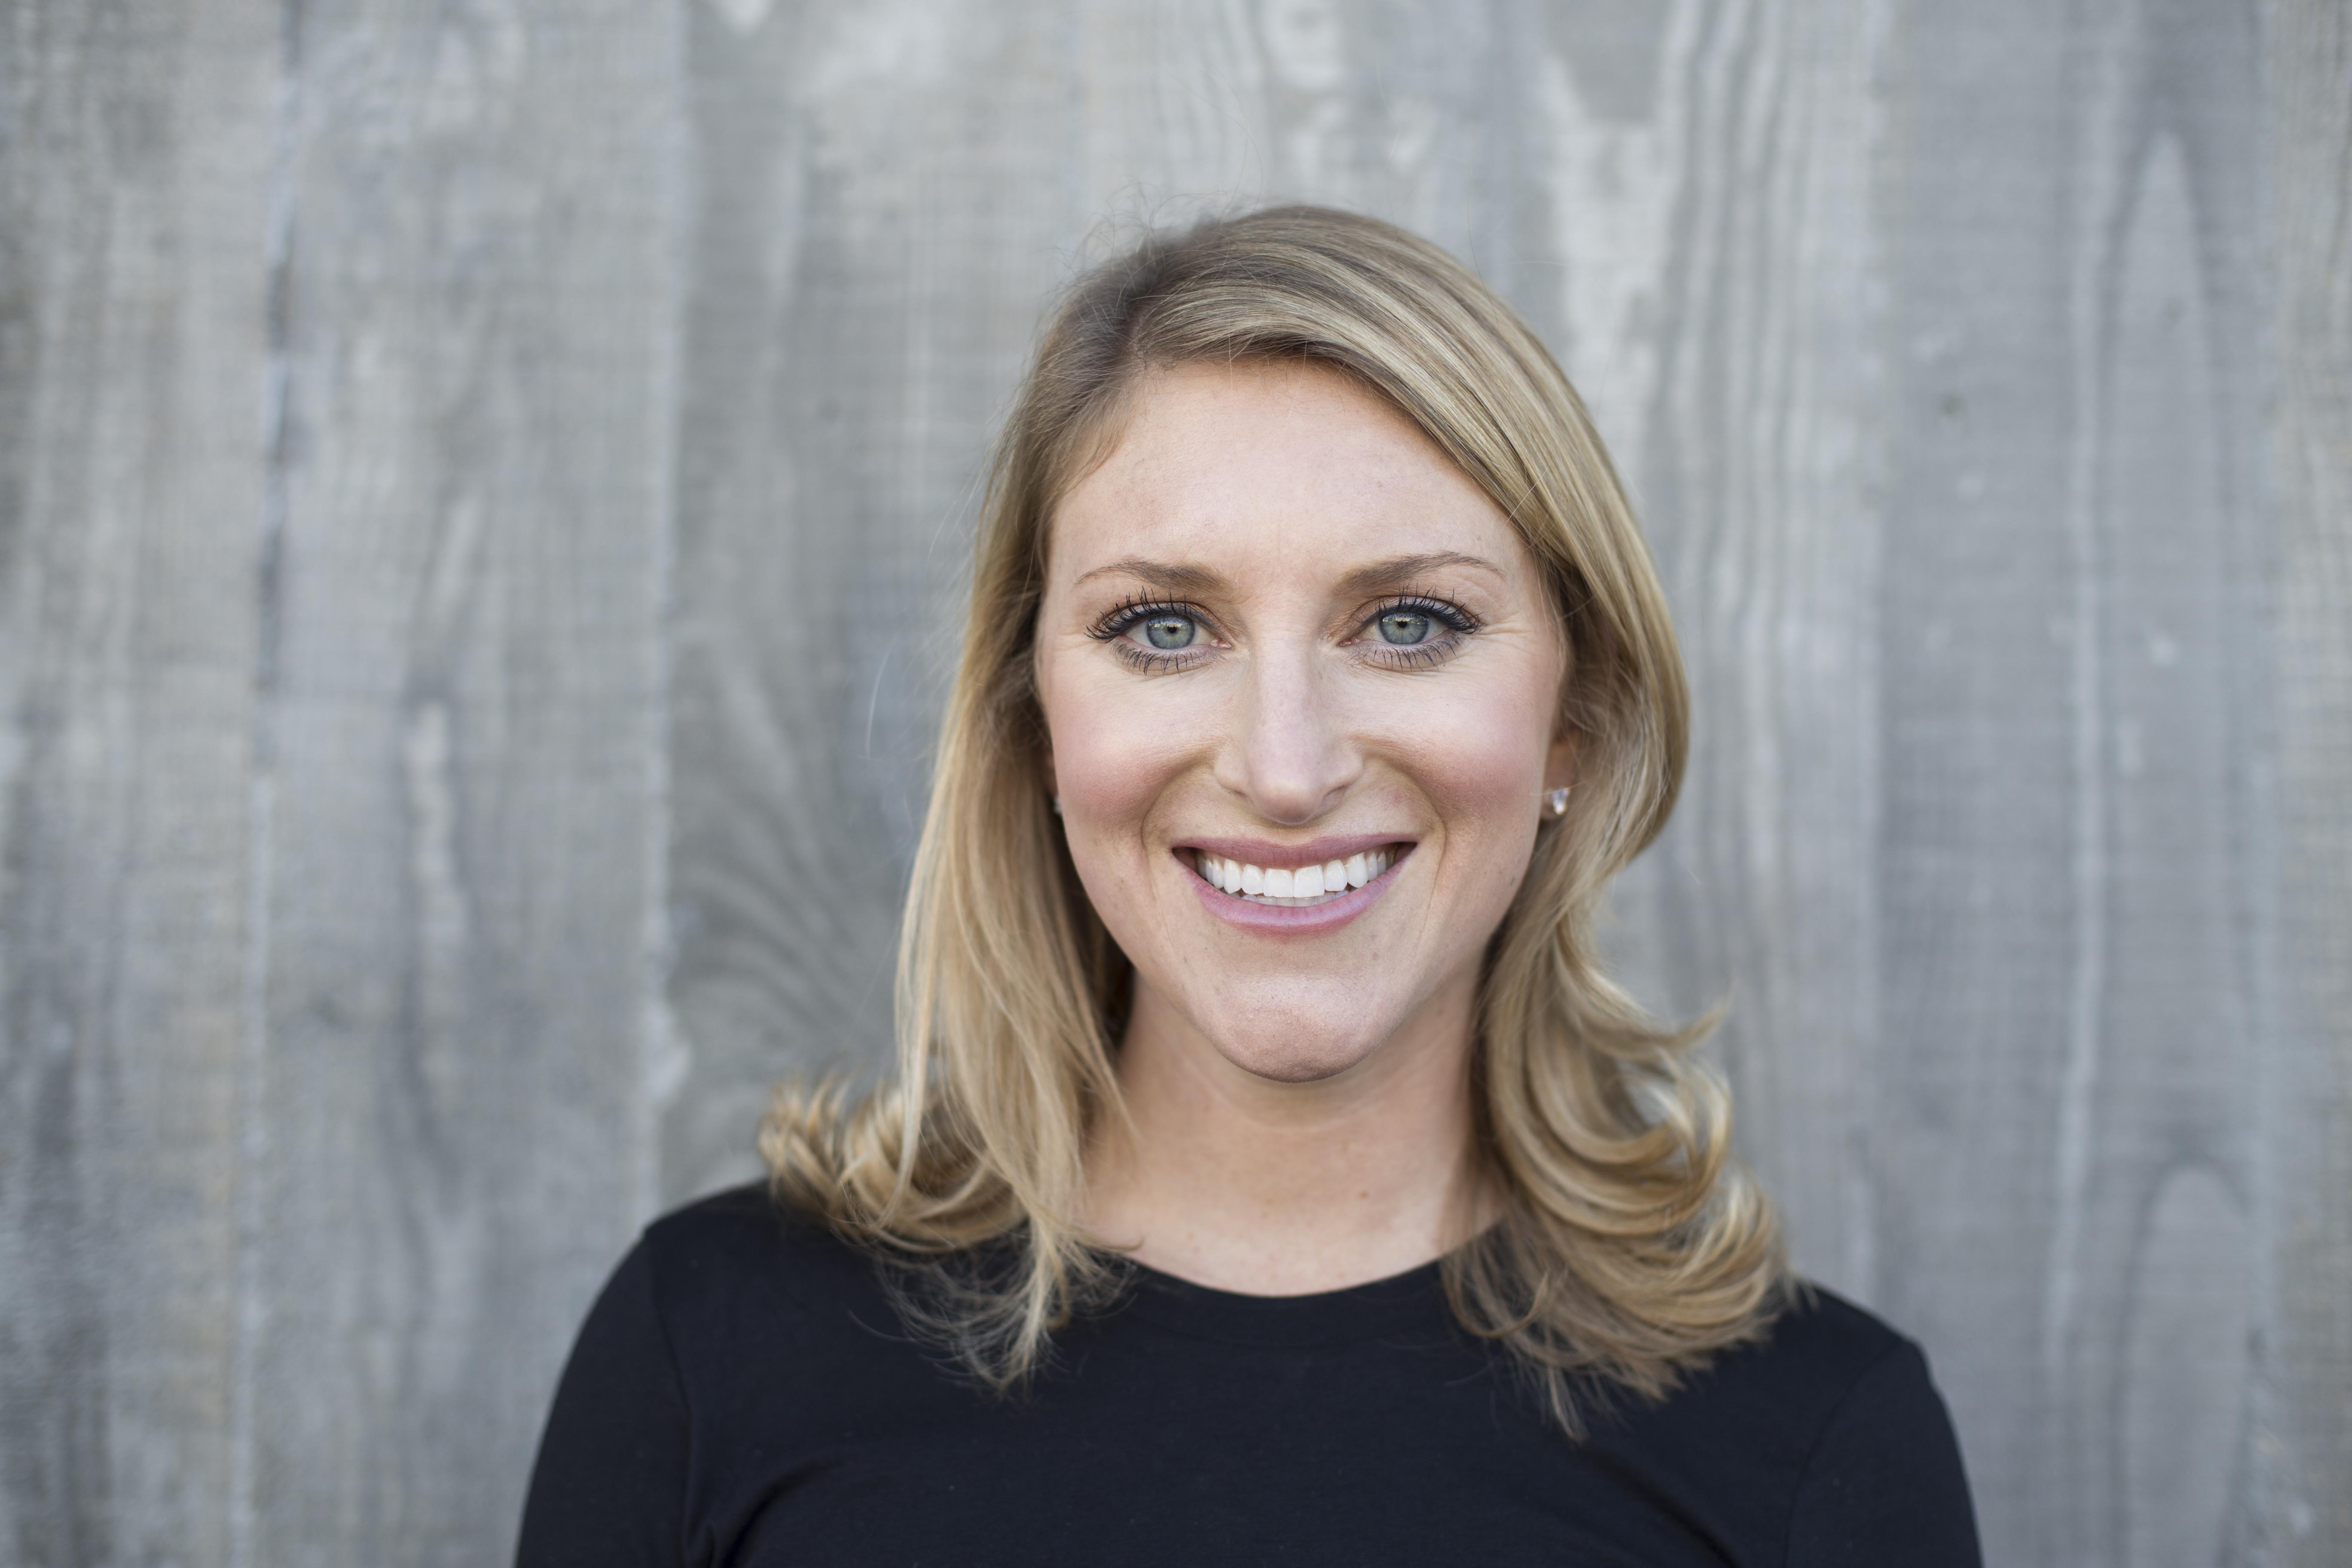 7. Dr. Sara Creighton